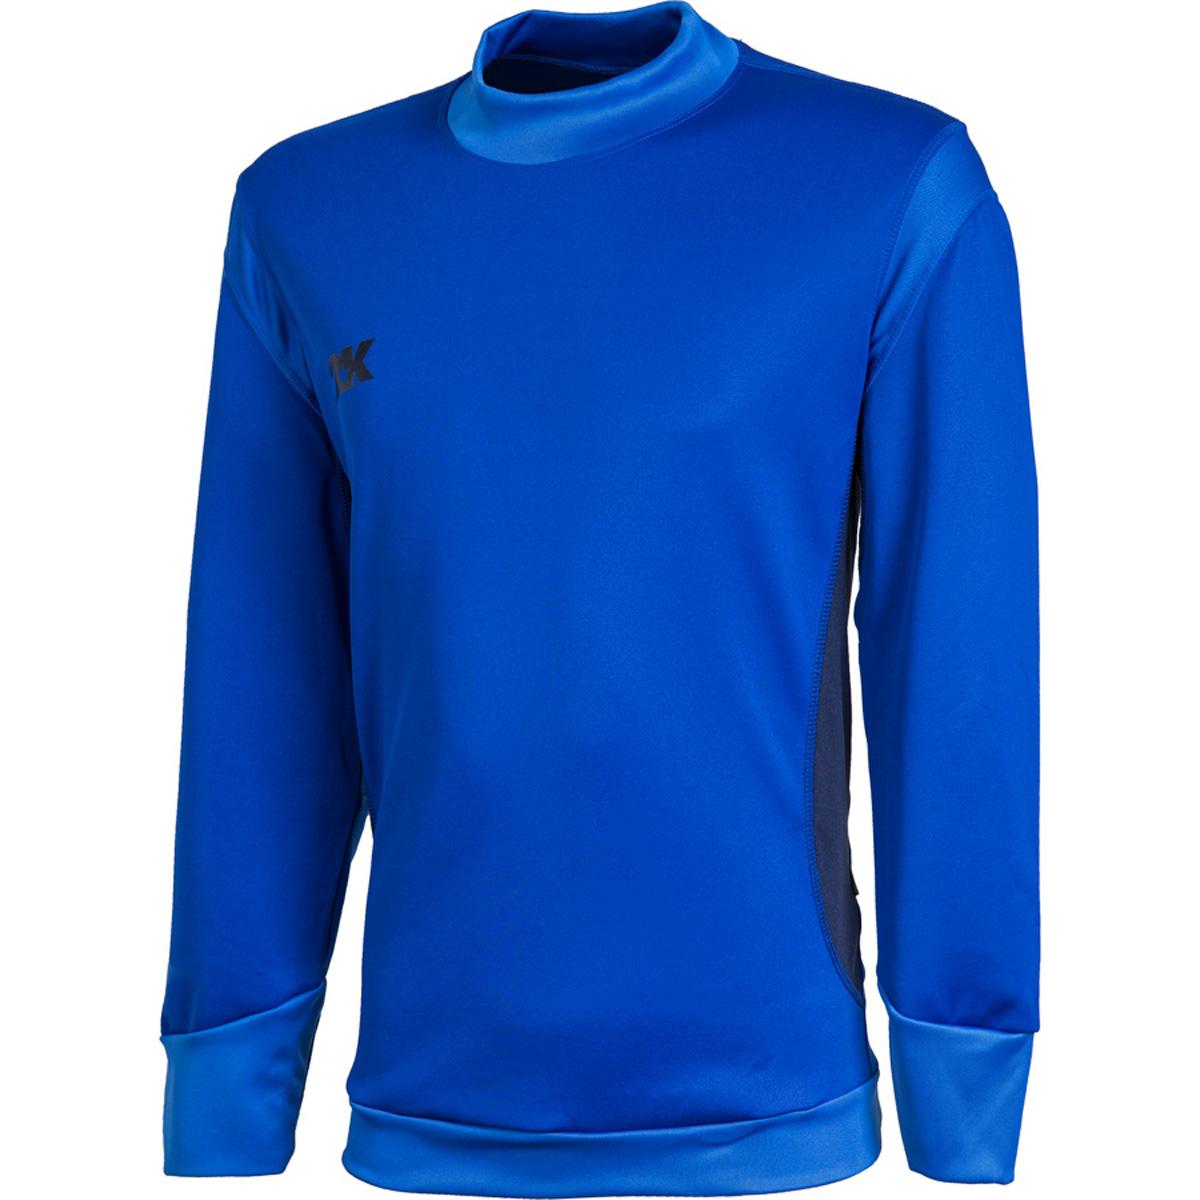 Тренировочный лонгслив 2K Sport Vettore, цвет: синий, темно-синий. 111135. Размер XL (52)111135_royal/navyТренировочный лонгслив 2K Vettore предназначен для тренировок в теплое время года, а также отлично подходит для повседневной носки. Вентилируемая ткань, обеспечивающая эффективный отвод влаги и сохранение тепла. Анатомический крой манжет на рукавах.